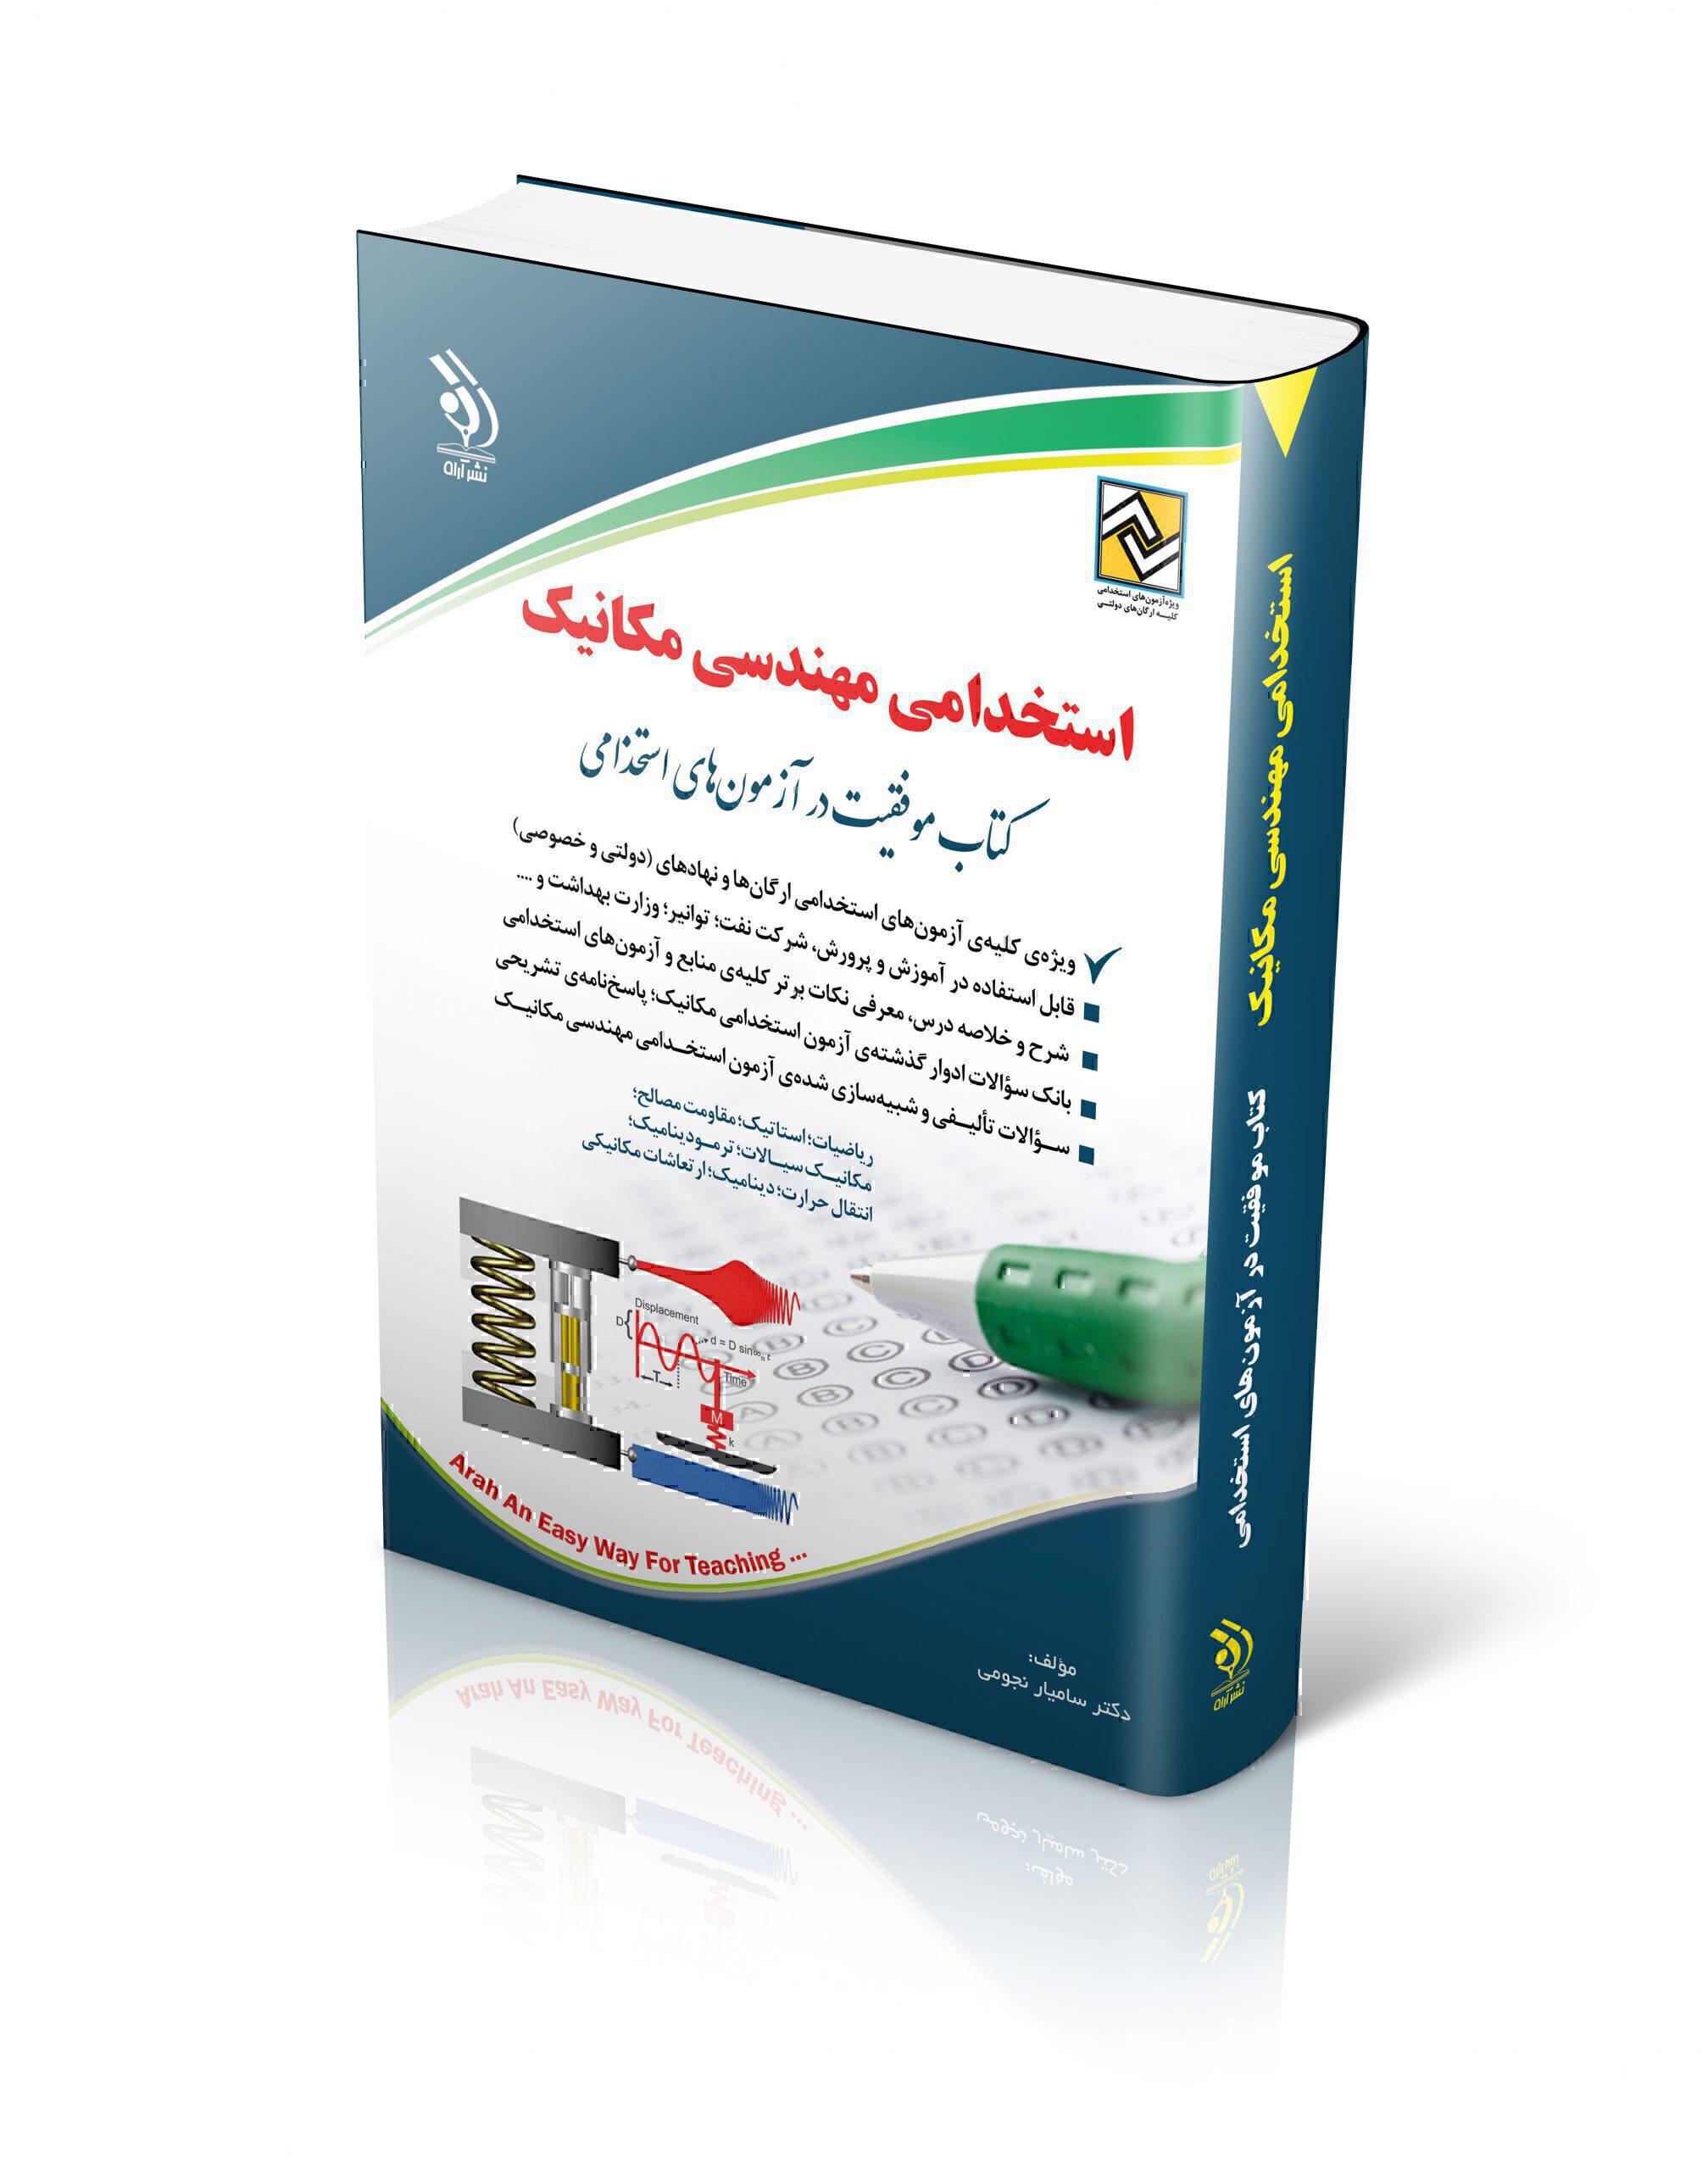 کتاب استخدامی مهندسی مکانیک